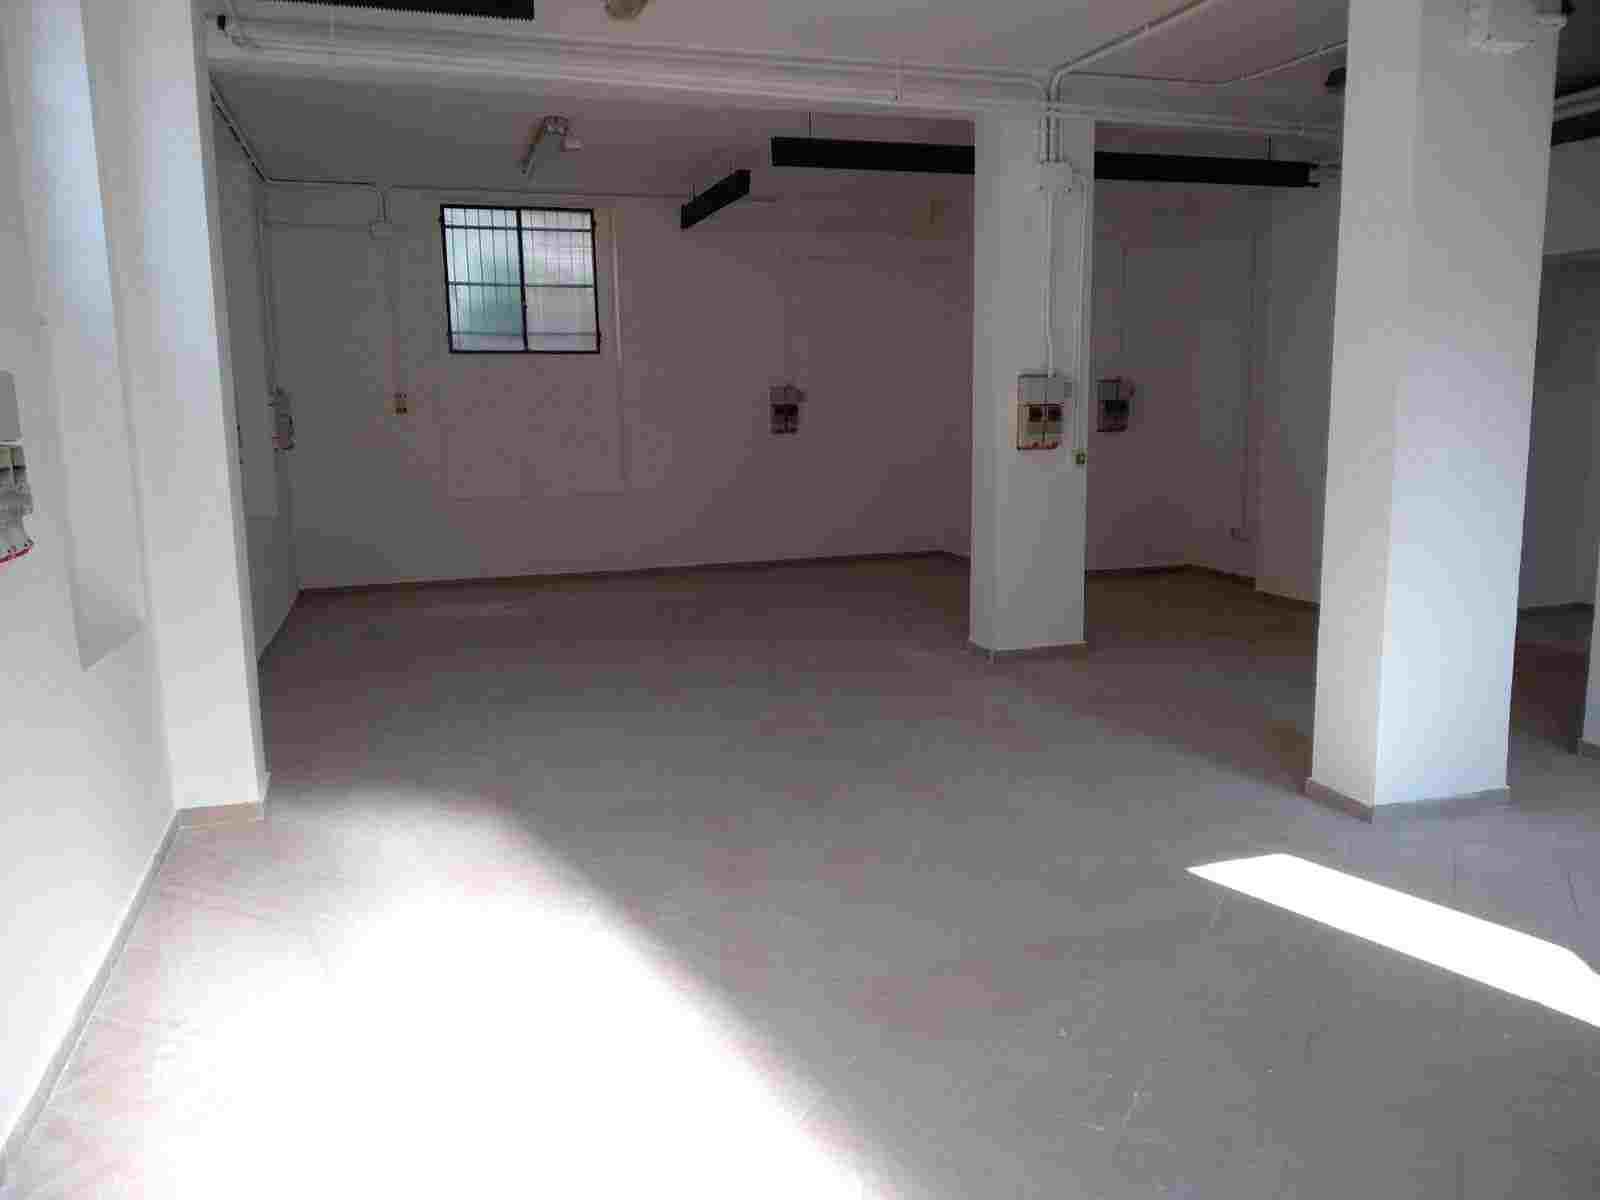 laboratorio-in-affitto-milano-baggio-C2-spaziourbano-immobiliare-vende-1